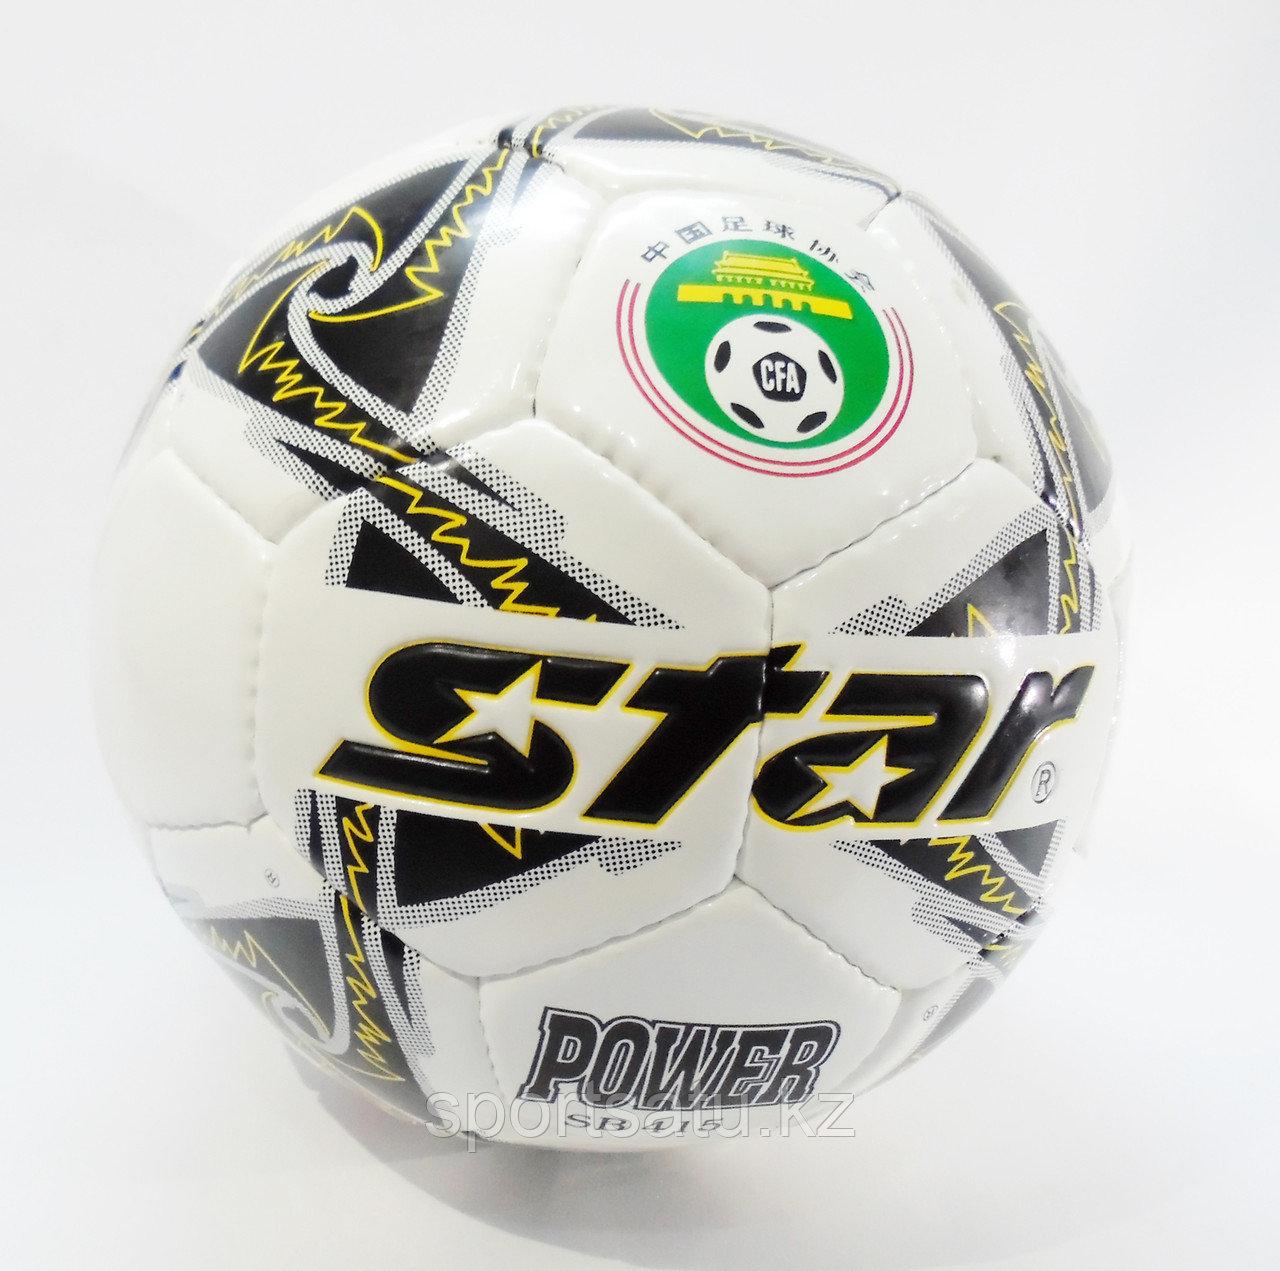 Футбольный мяч Star POWER